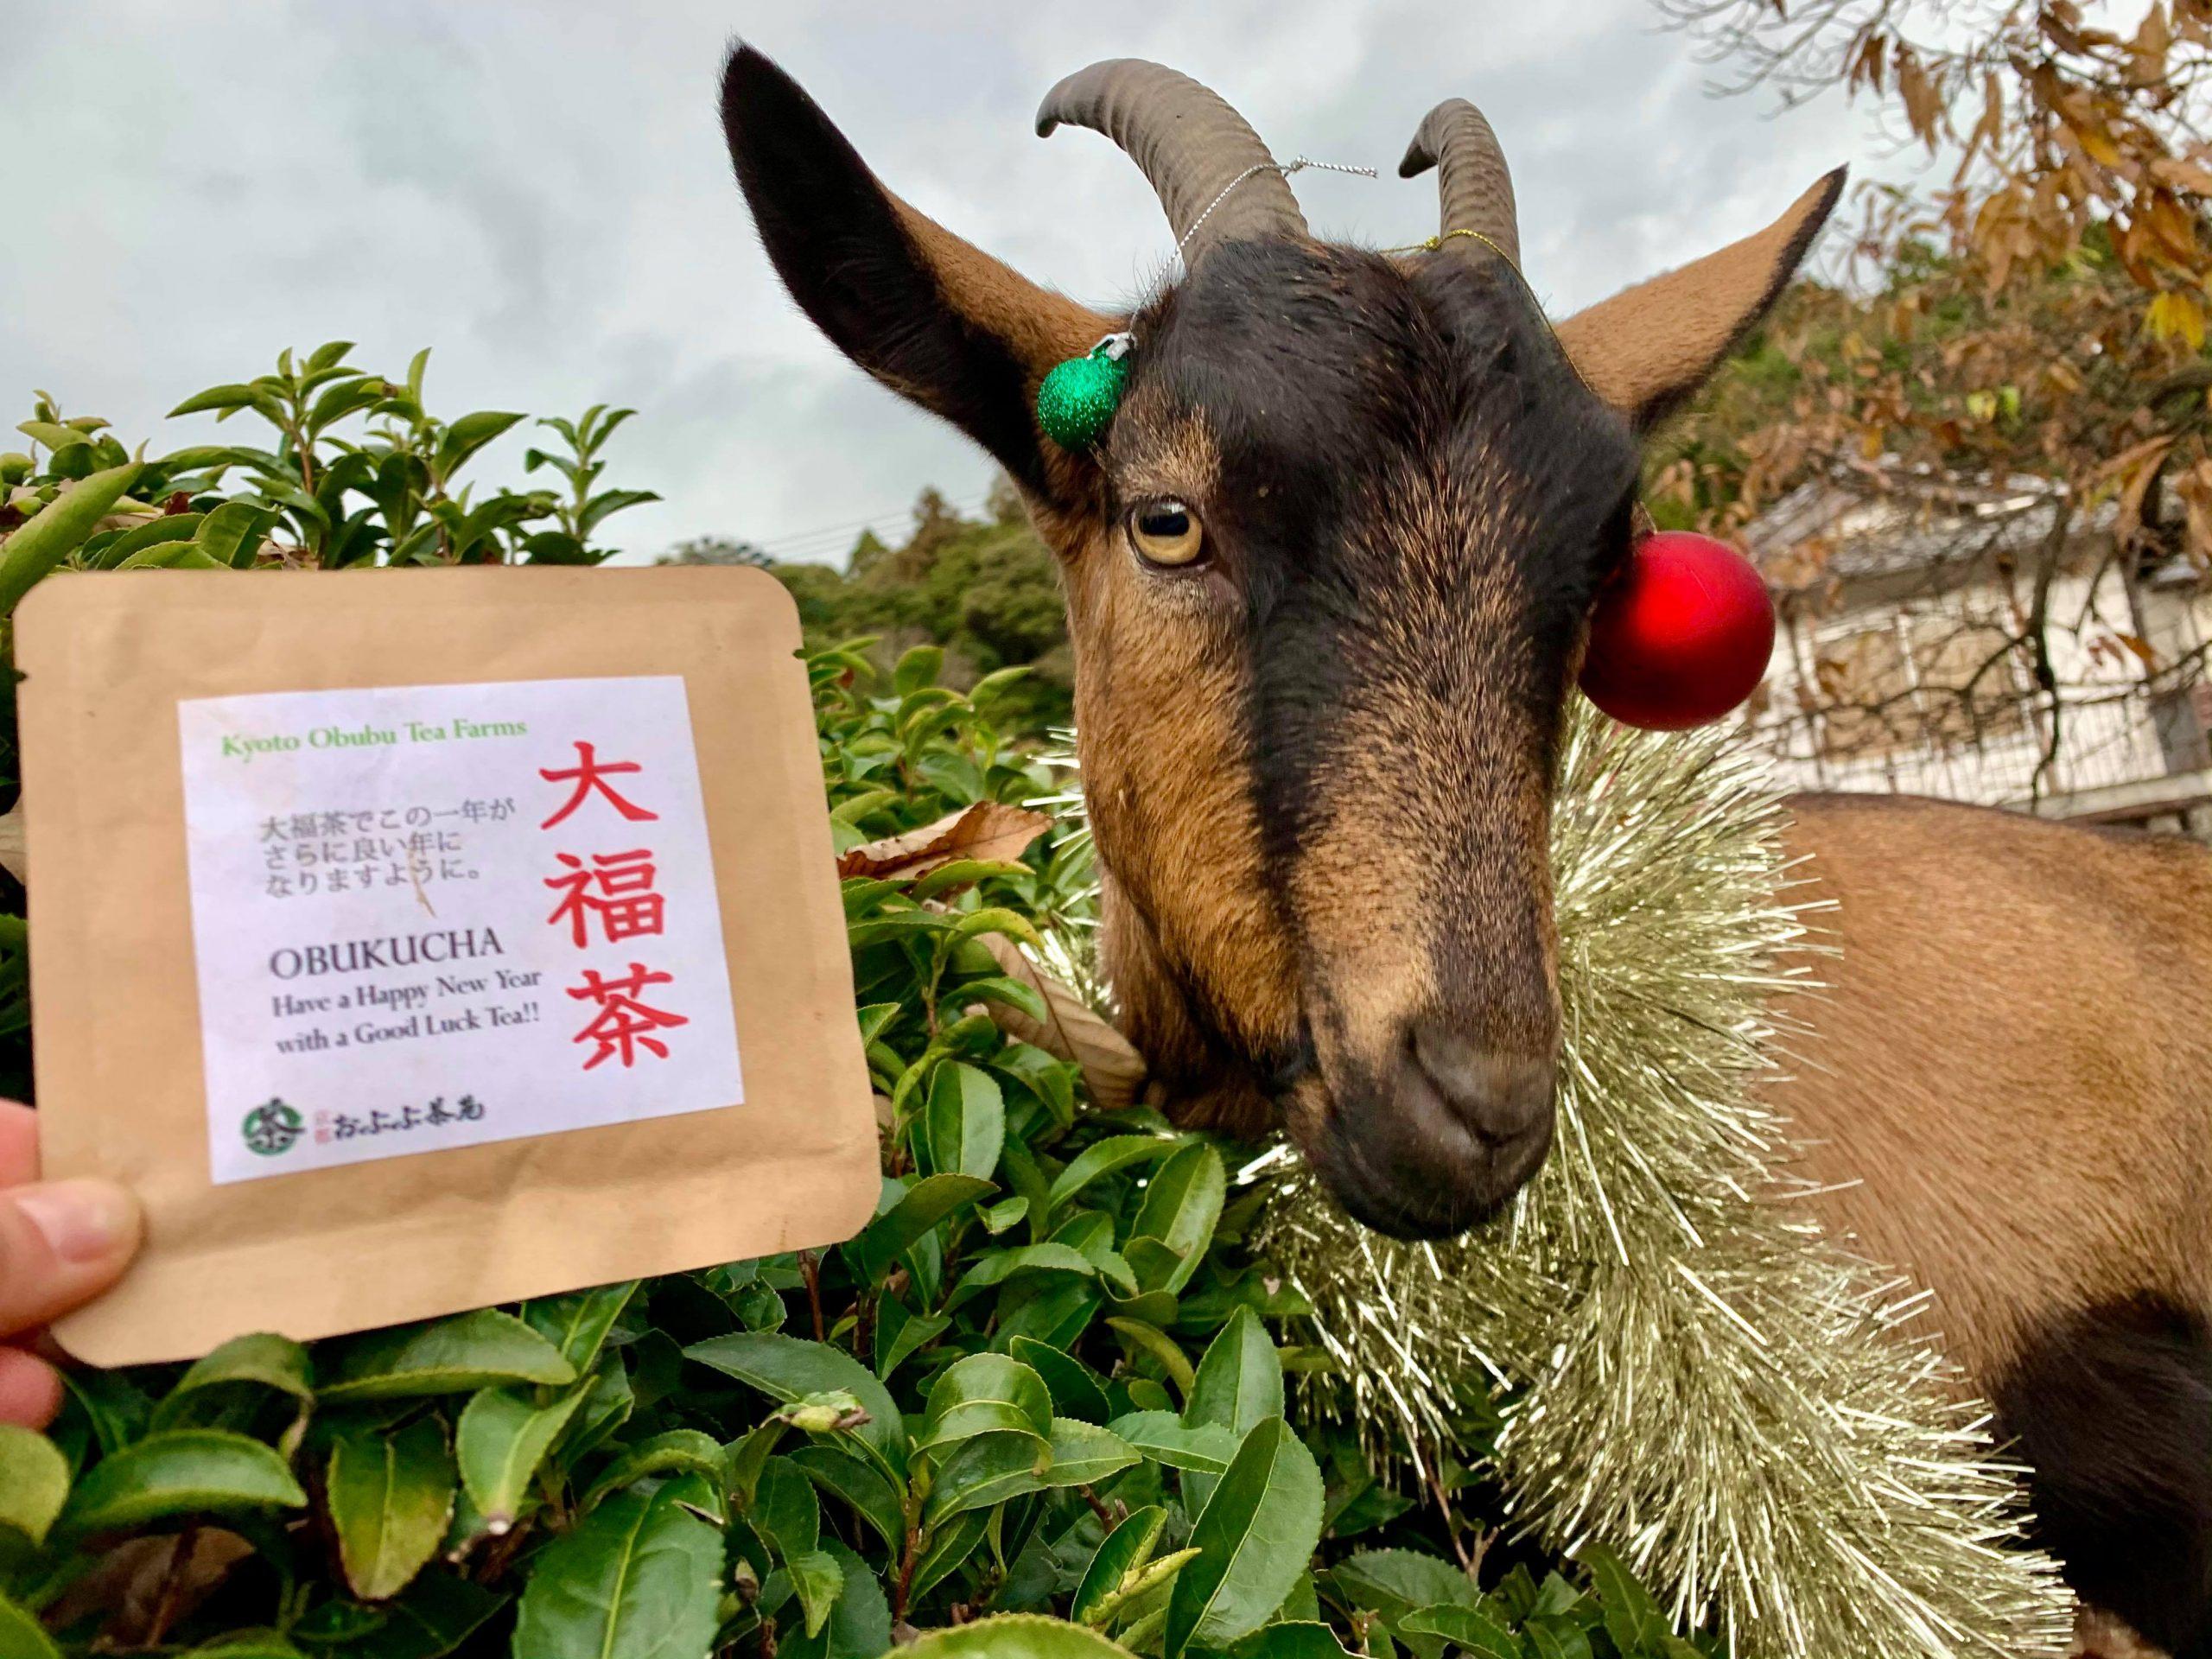 【茶畑オーナー制度】旬のお茶をお届けします!!